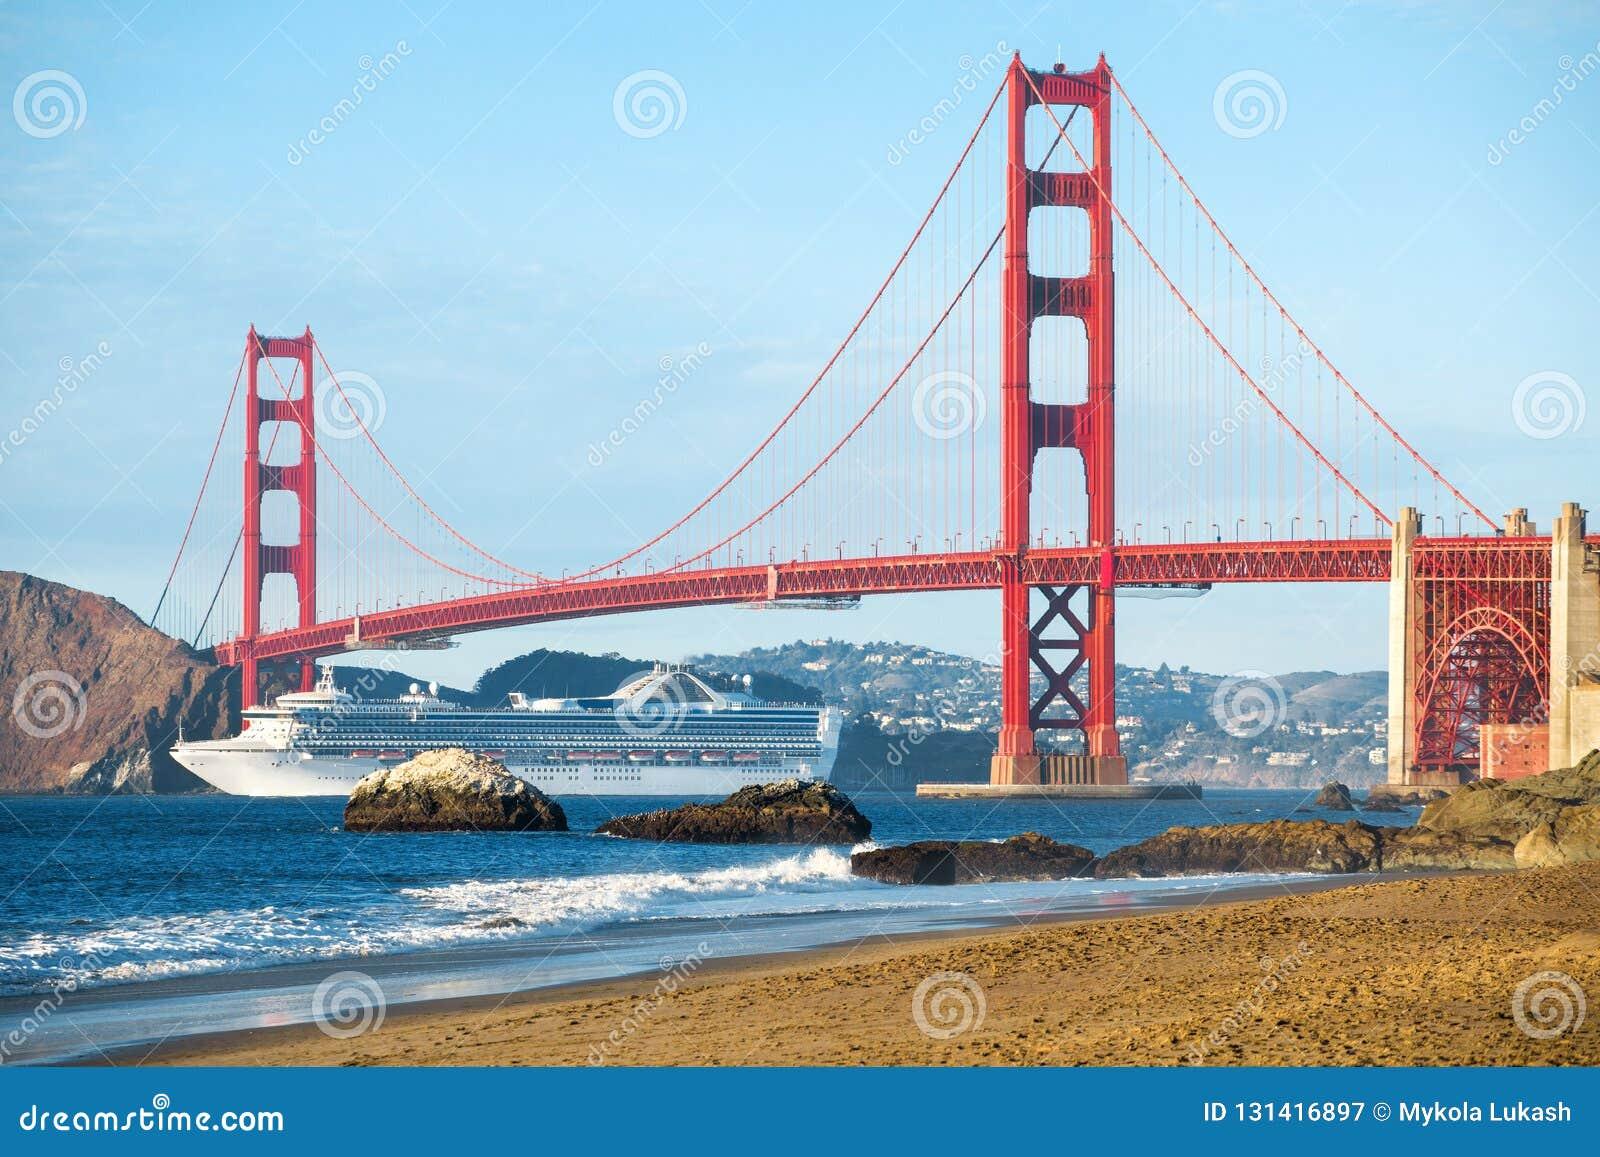 Κρουαζιερόπλοιο που περνά τη χρυσή γέφυρα πυλών με τον ορίζοντα του Σαν Φρανσίσκο στο υπόβαθρο, Καλιφόρνια, ΗΠΑ